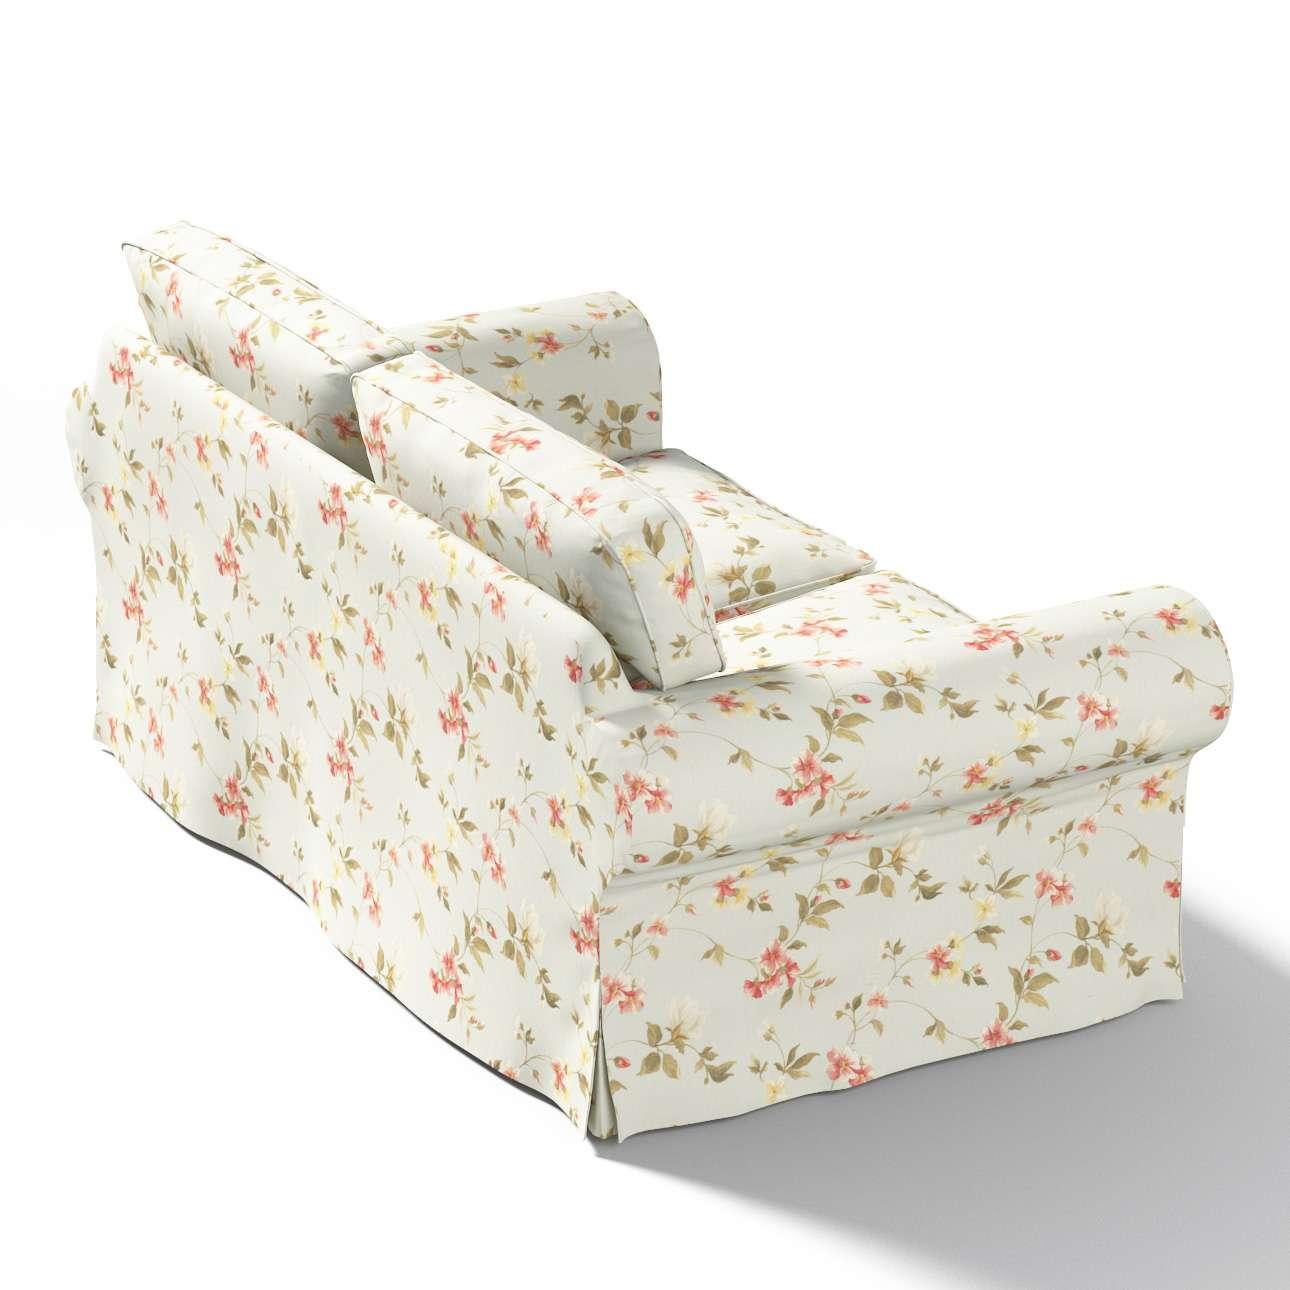 Ektorp dvivietės sofos užvalkalas Ektorp dvivietės sofos užvalkalas kolekcijoje Londres, audinys: 124-65